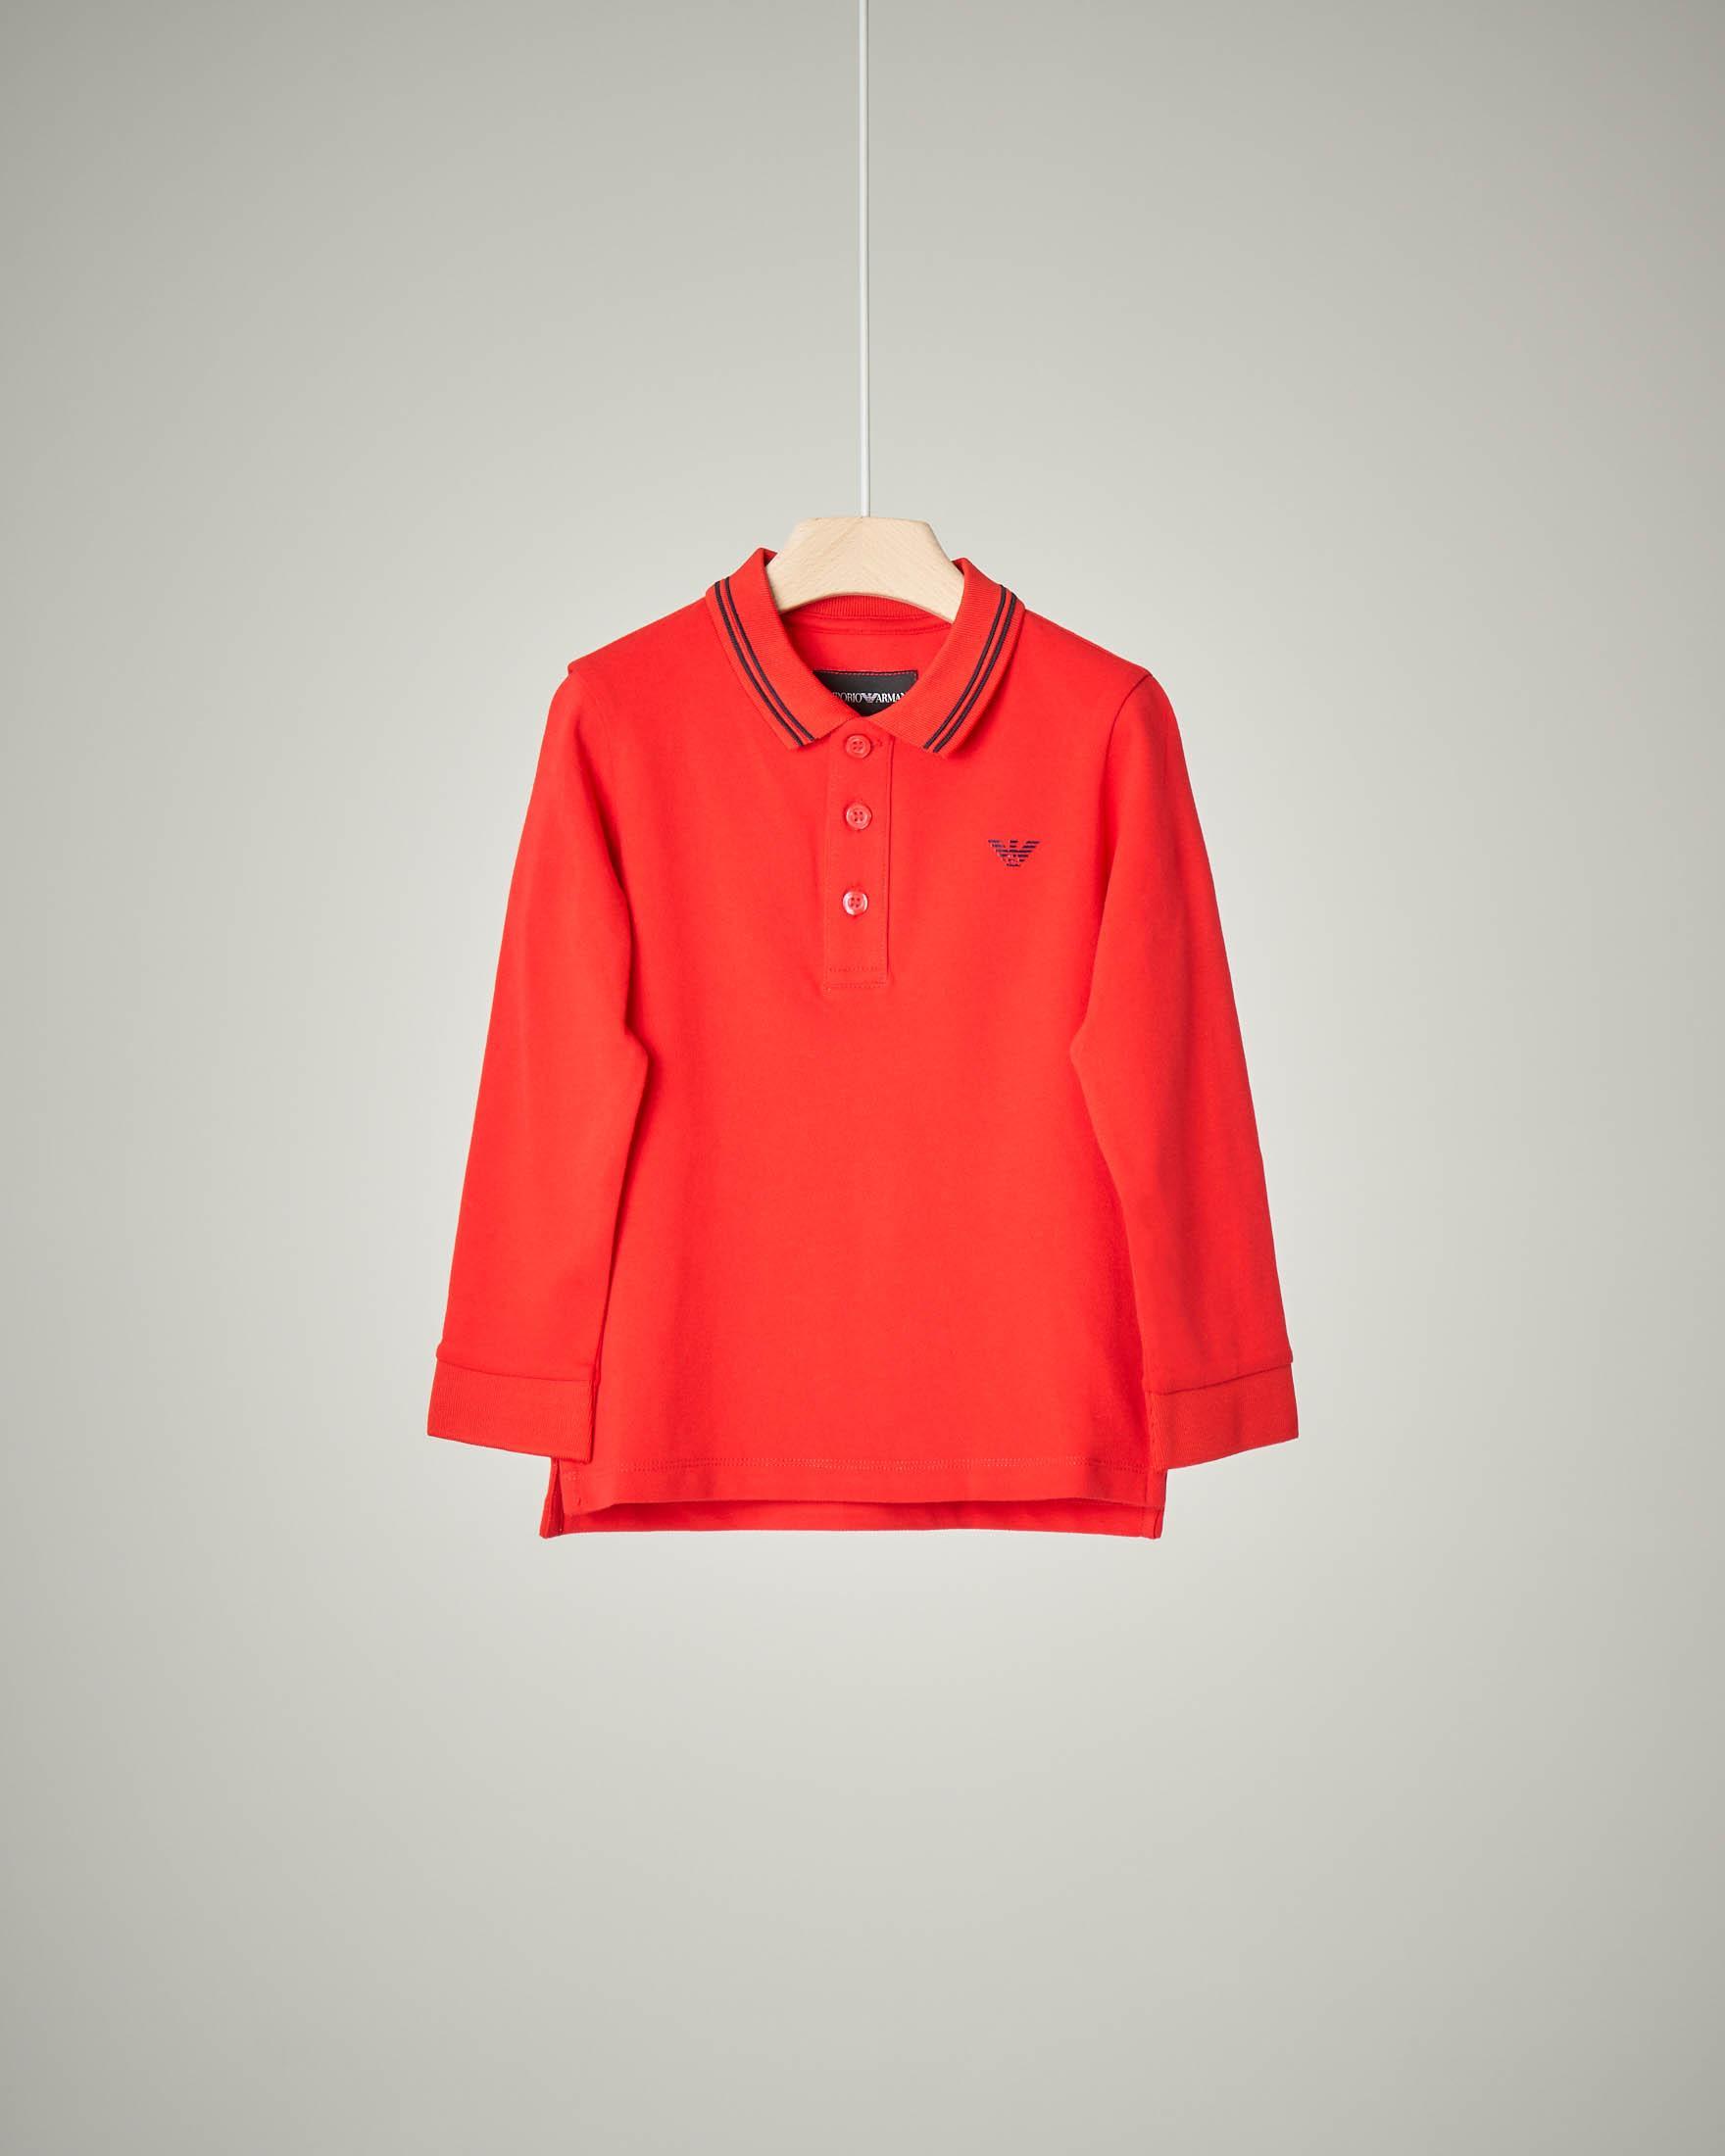 Polo rossa manica lunga con bordino 4-8 anni